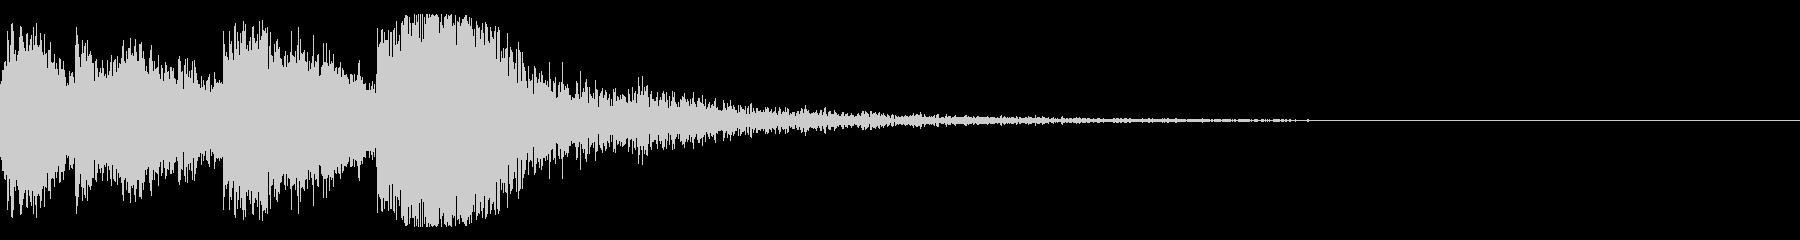 和風 オーケストラヒット ジングル!05の未再生の波形